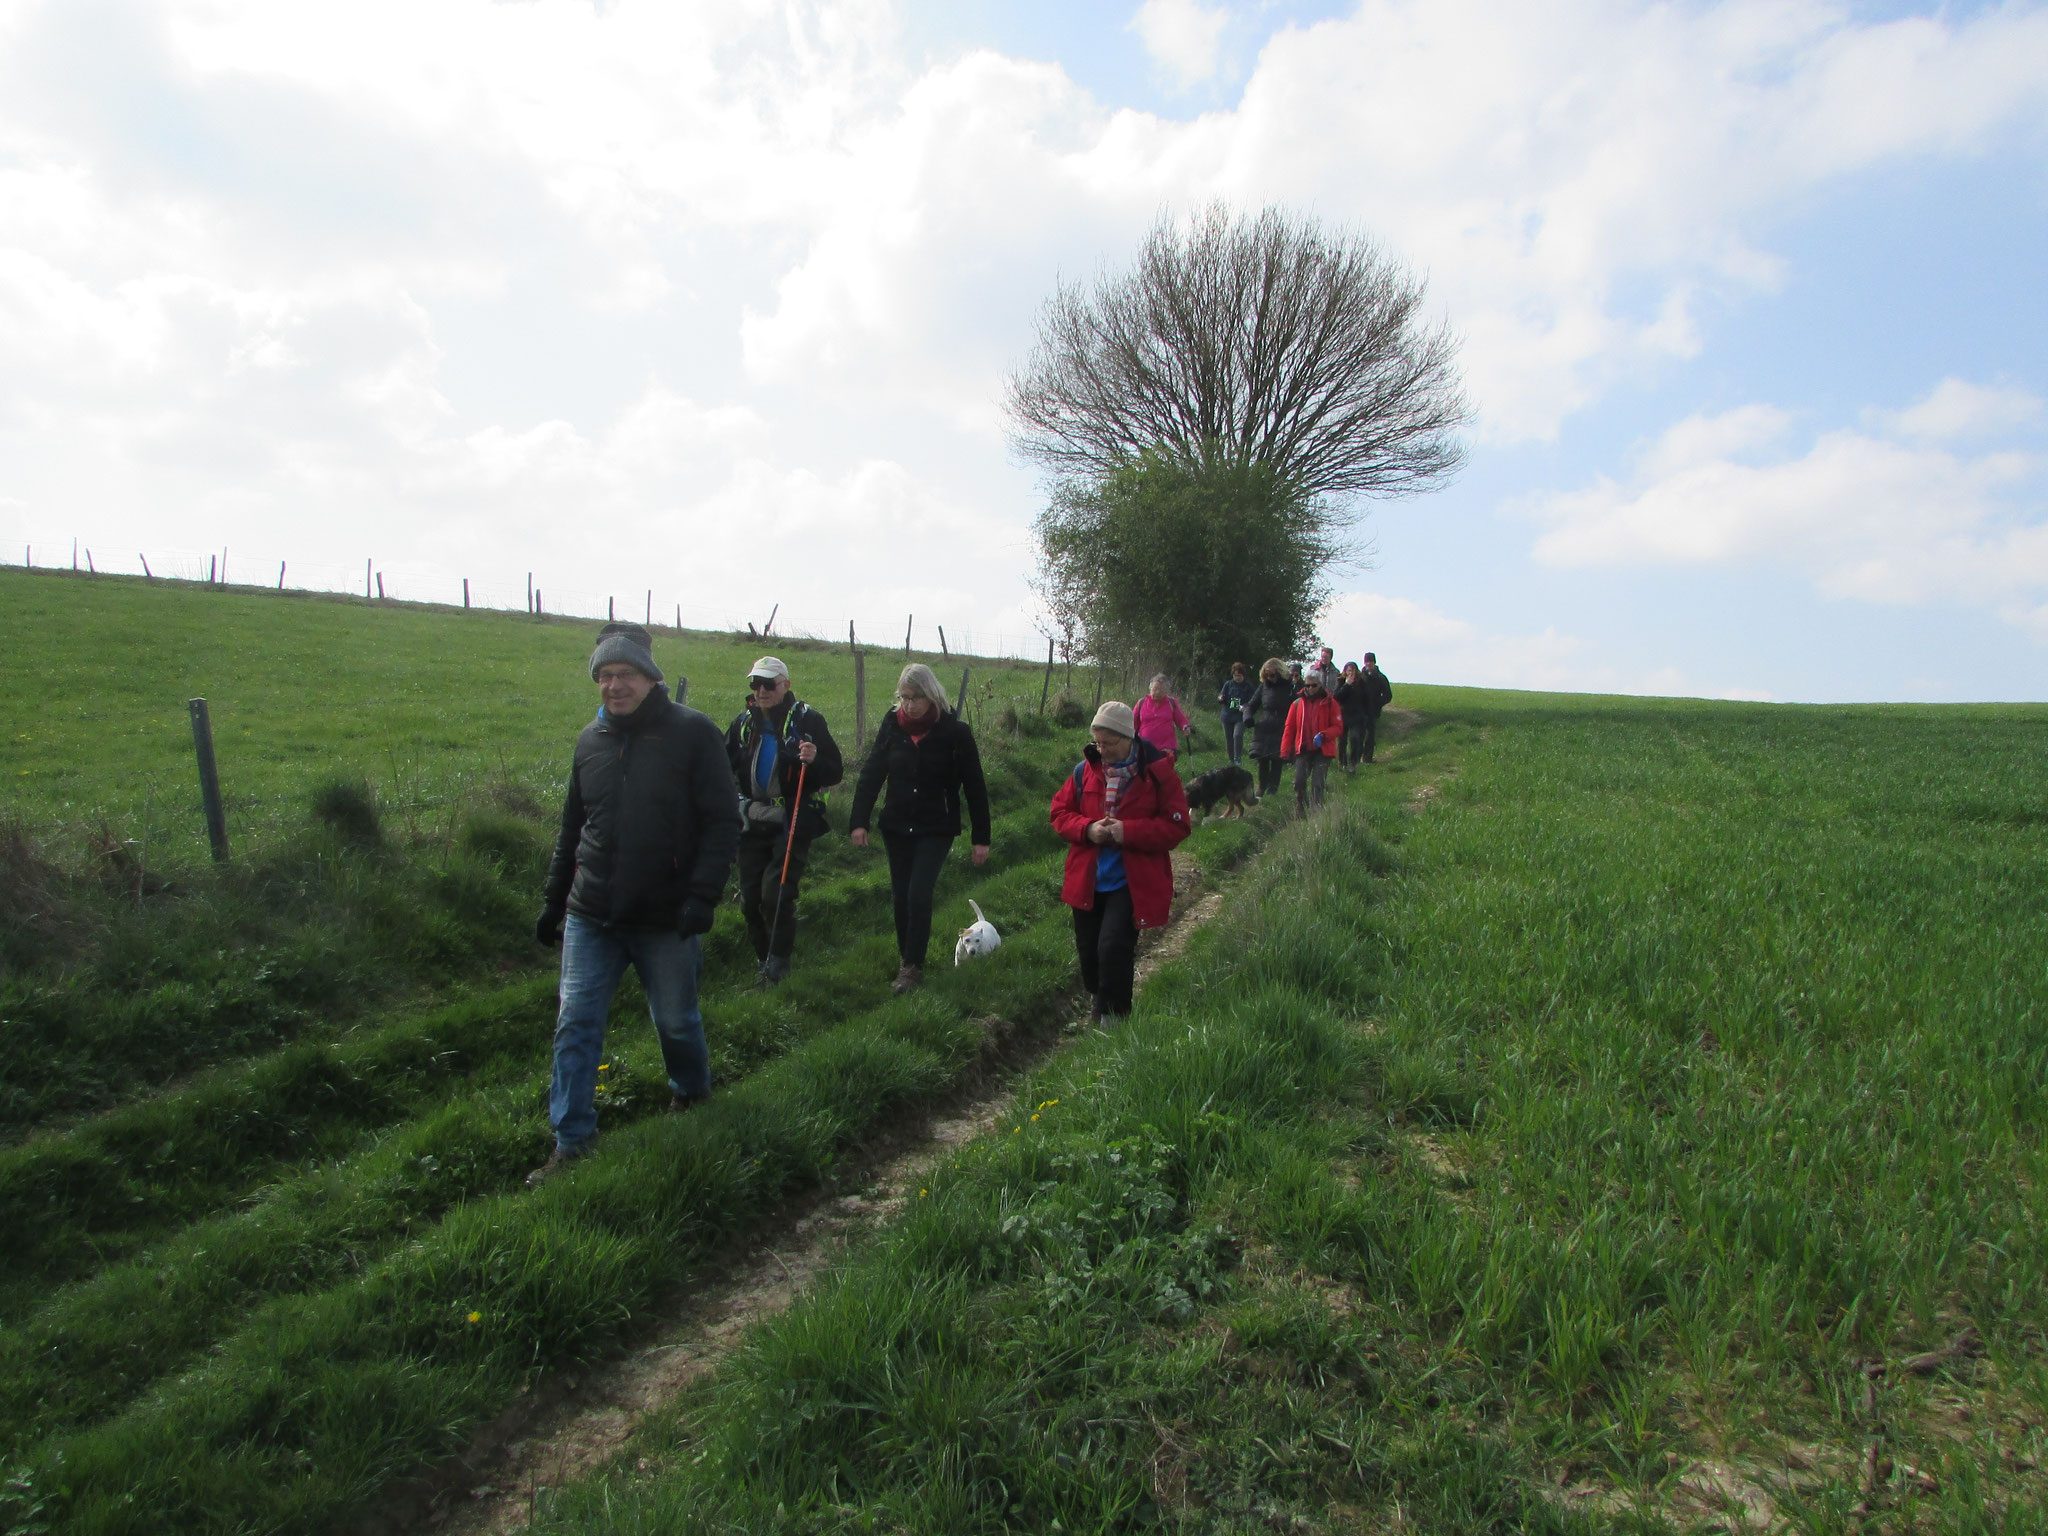 Randonnée nature autour de Thérines